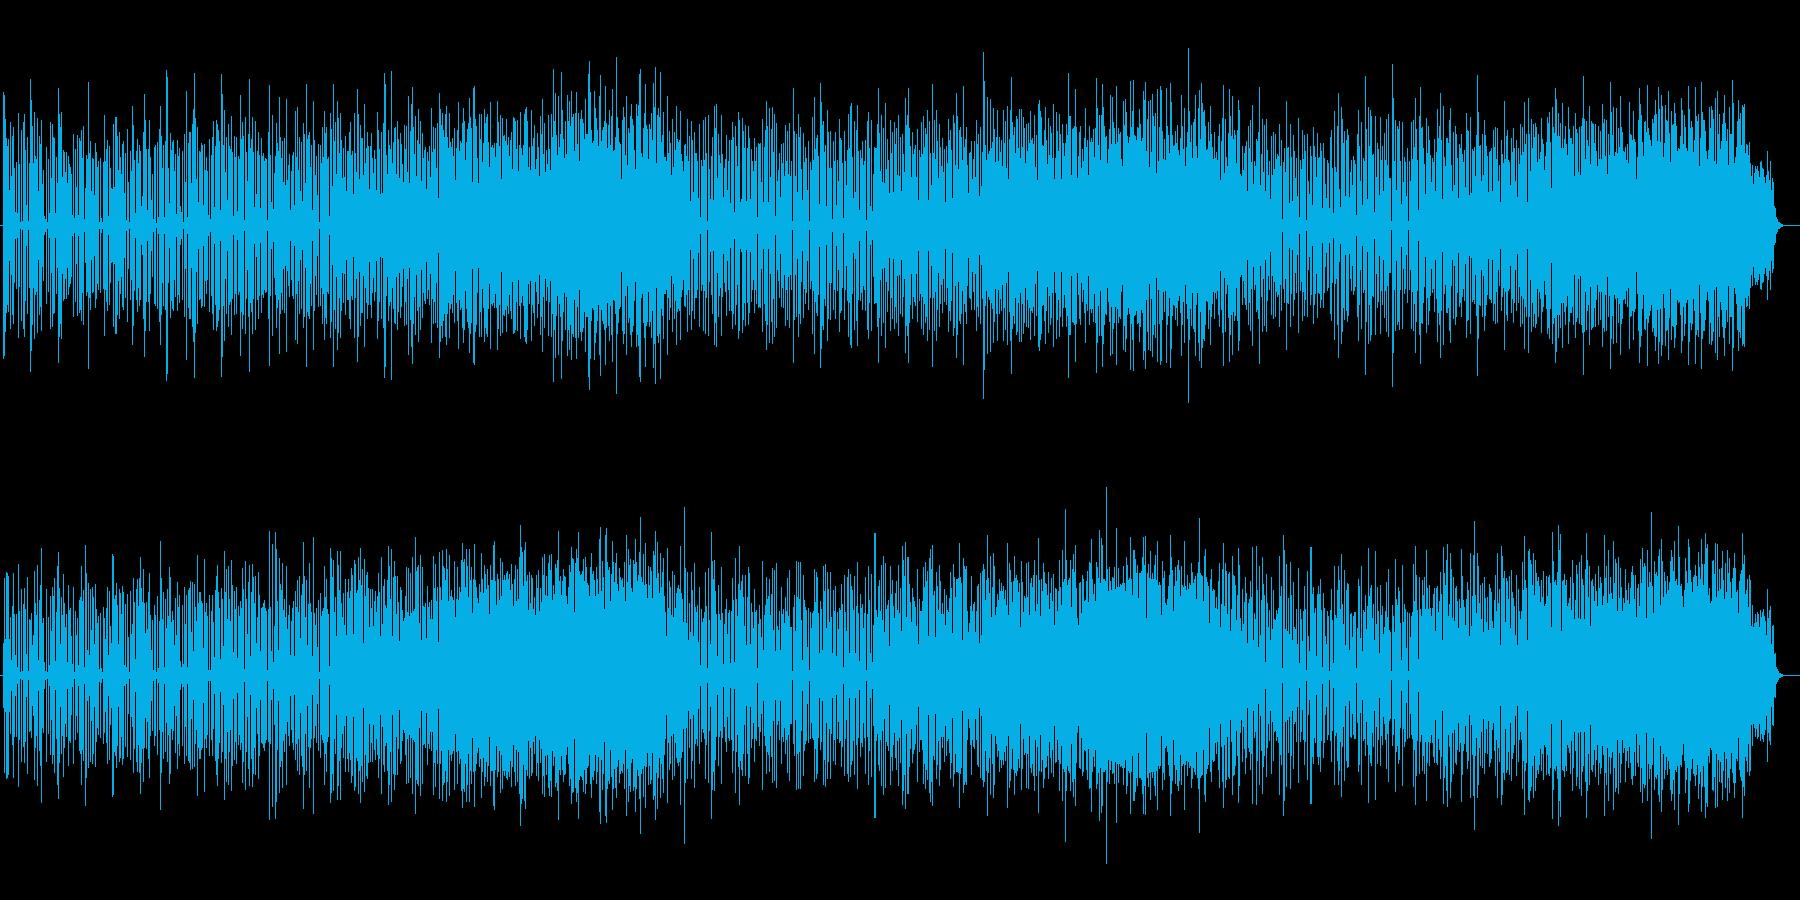 4つ打ちでアップテンポなテクノポップスの再生済みの波形